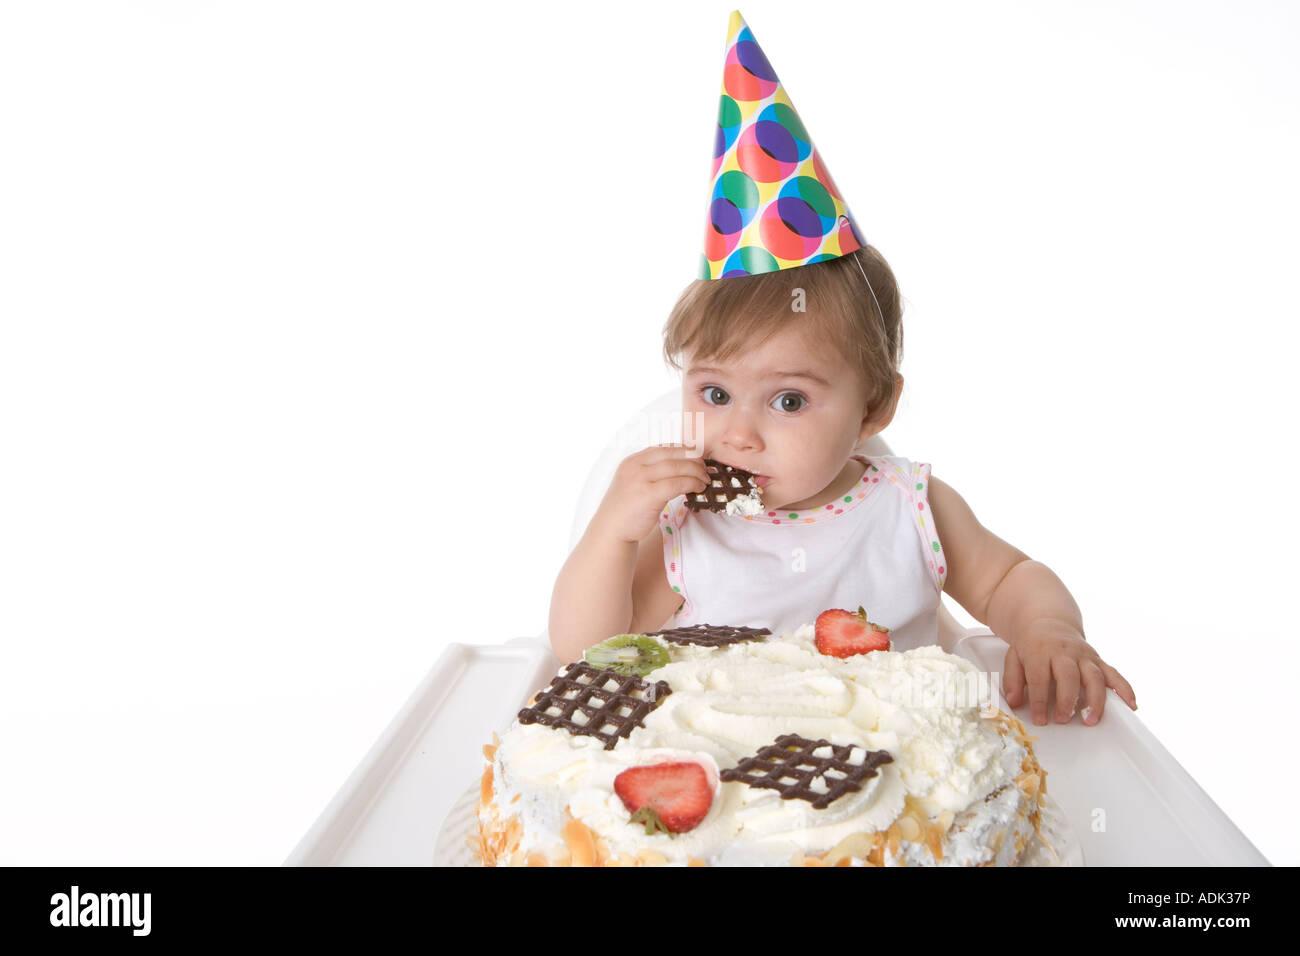 Einjahriges Madchen Von Ihrem Geburtstagskuchen Essen Stockbild